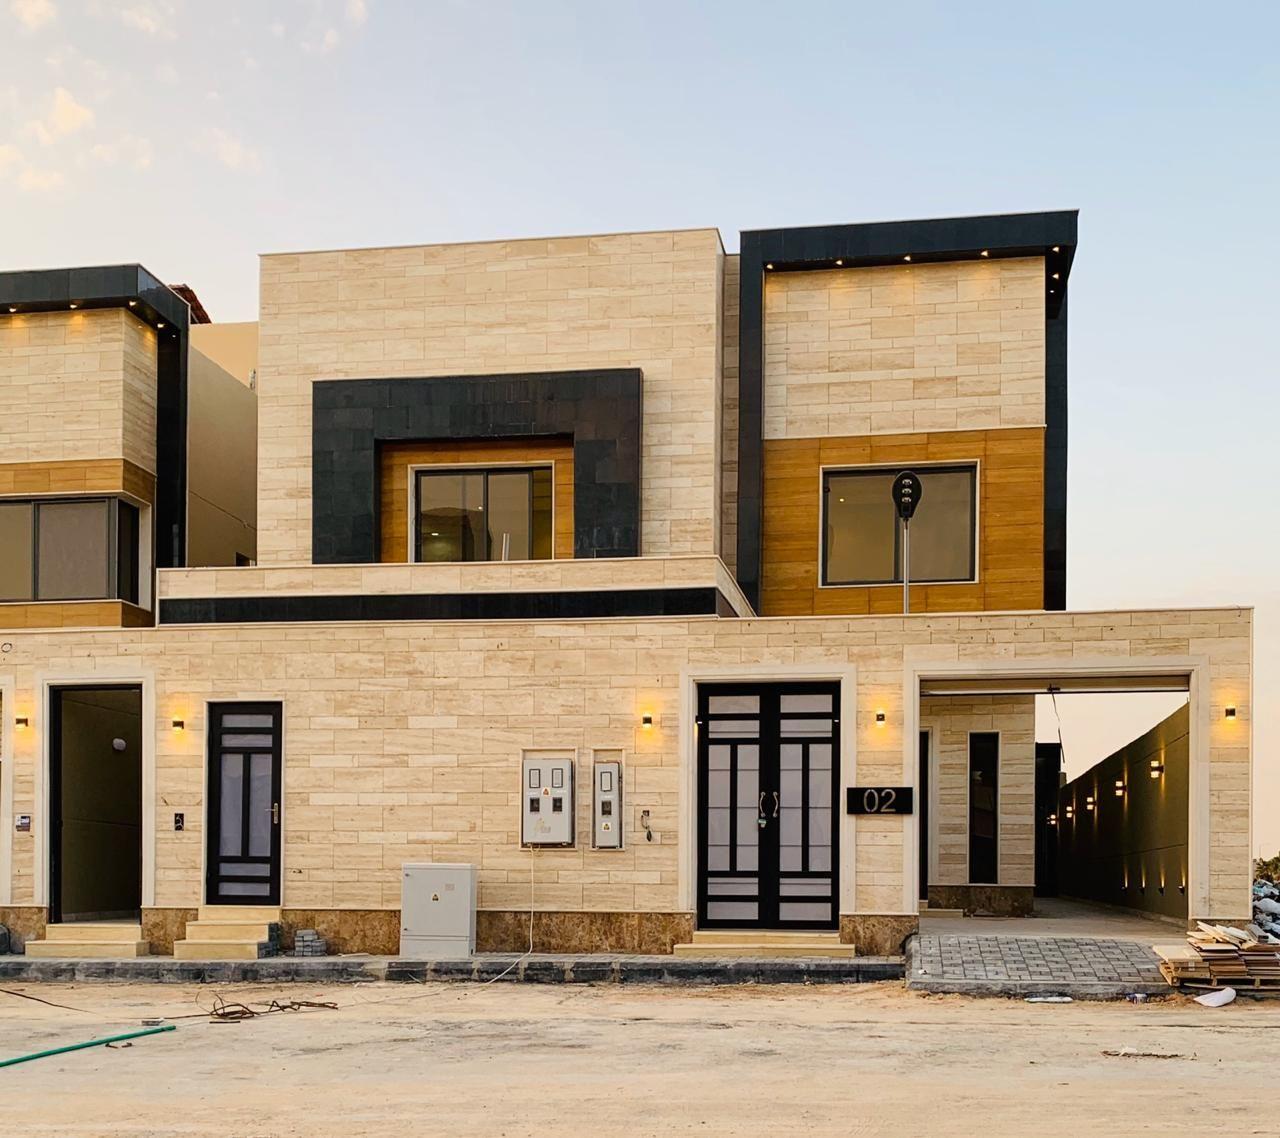 فيلا للبيع حي العارض في الرياض مكتب أرجان الشمال لبيع الفلل الجاهزة شمال الرياض عقارات باقي المدن بالوسطى عقار ستي House Styles Mansions House